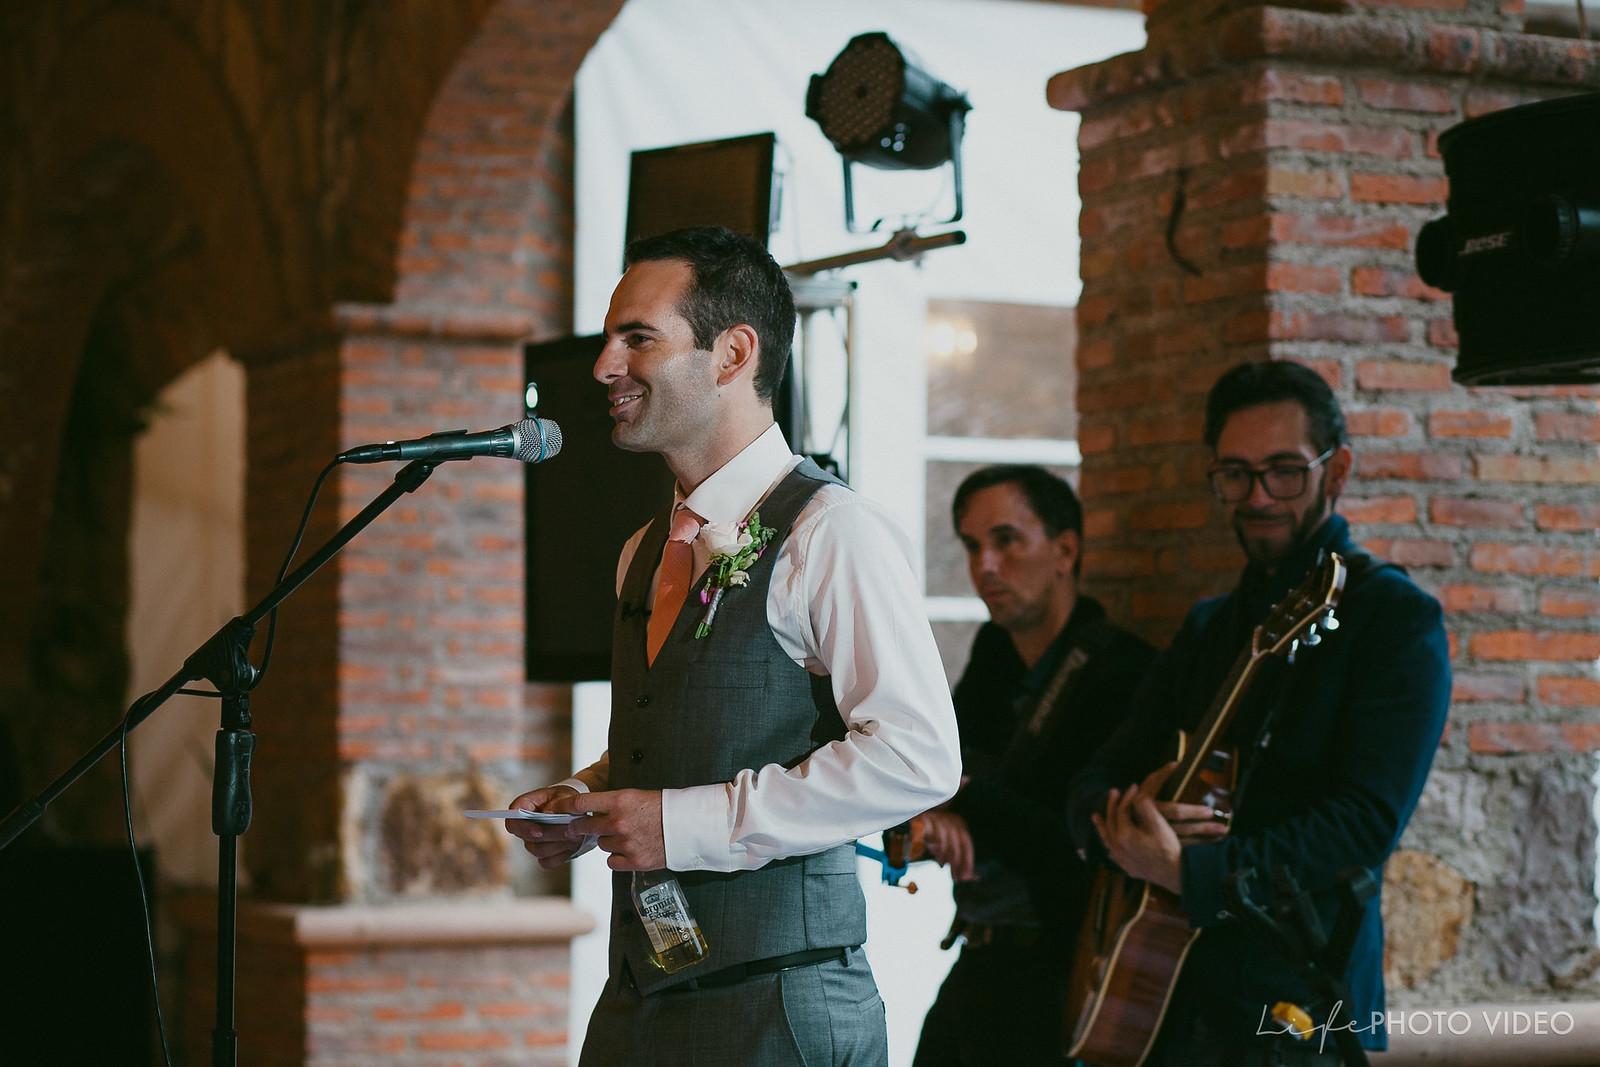 LifePhotoVideo_Boda_LeonGto_Wedding_0027.jpg